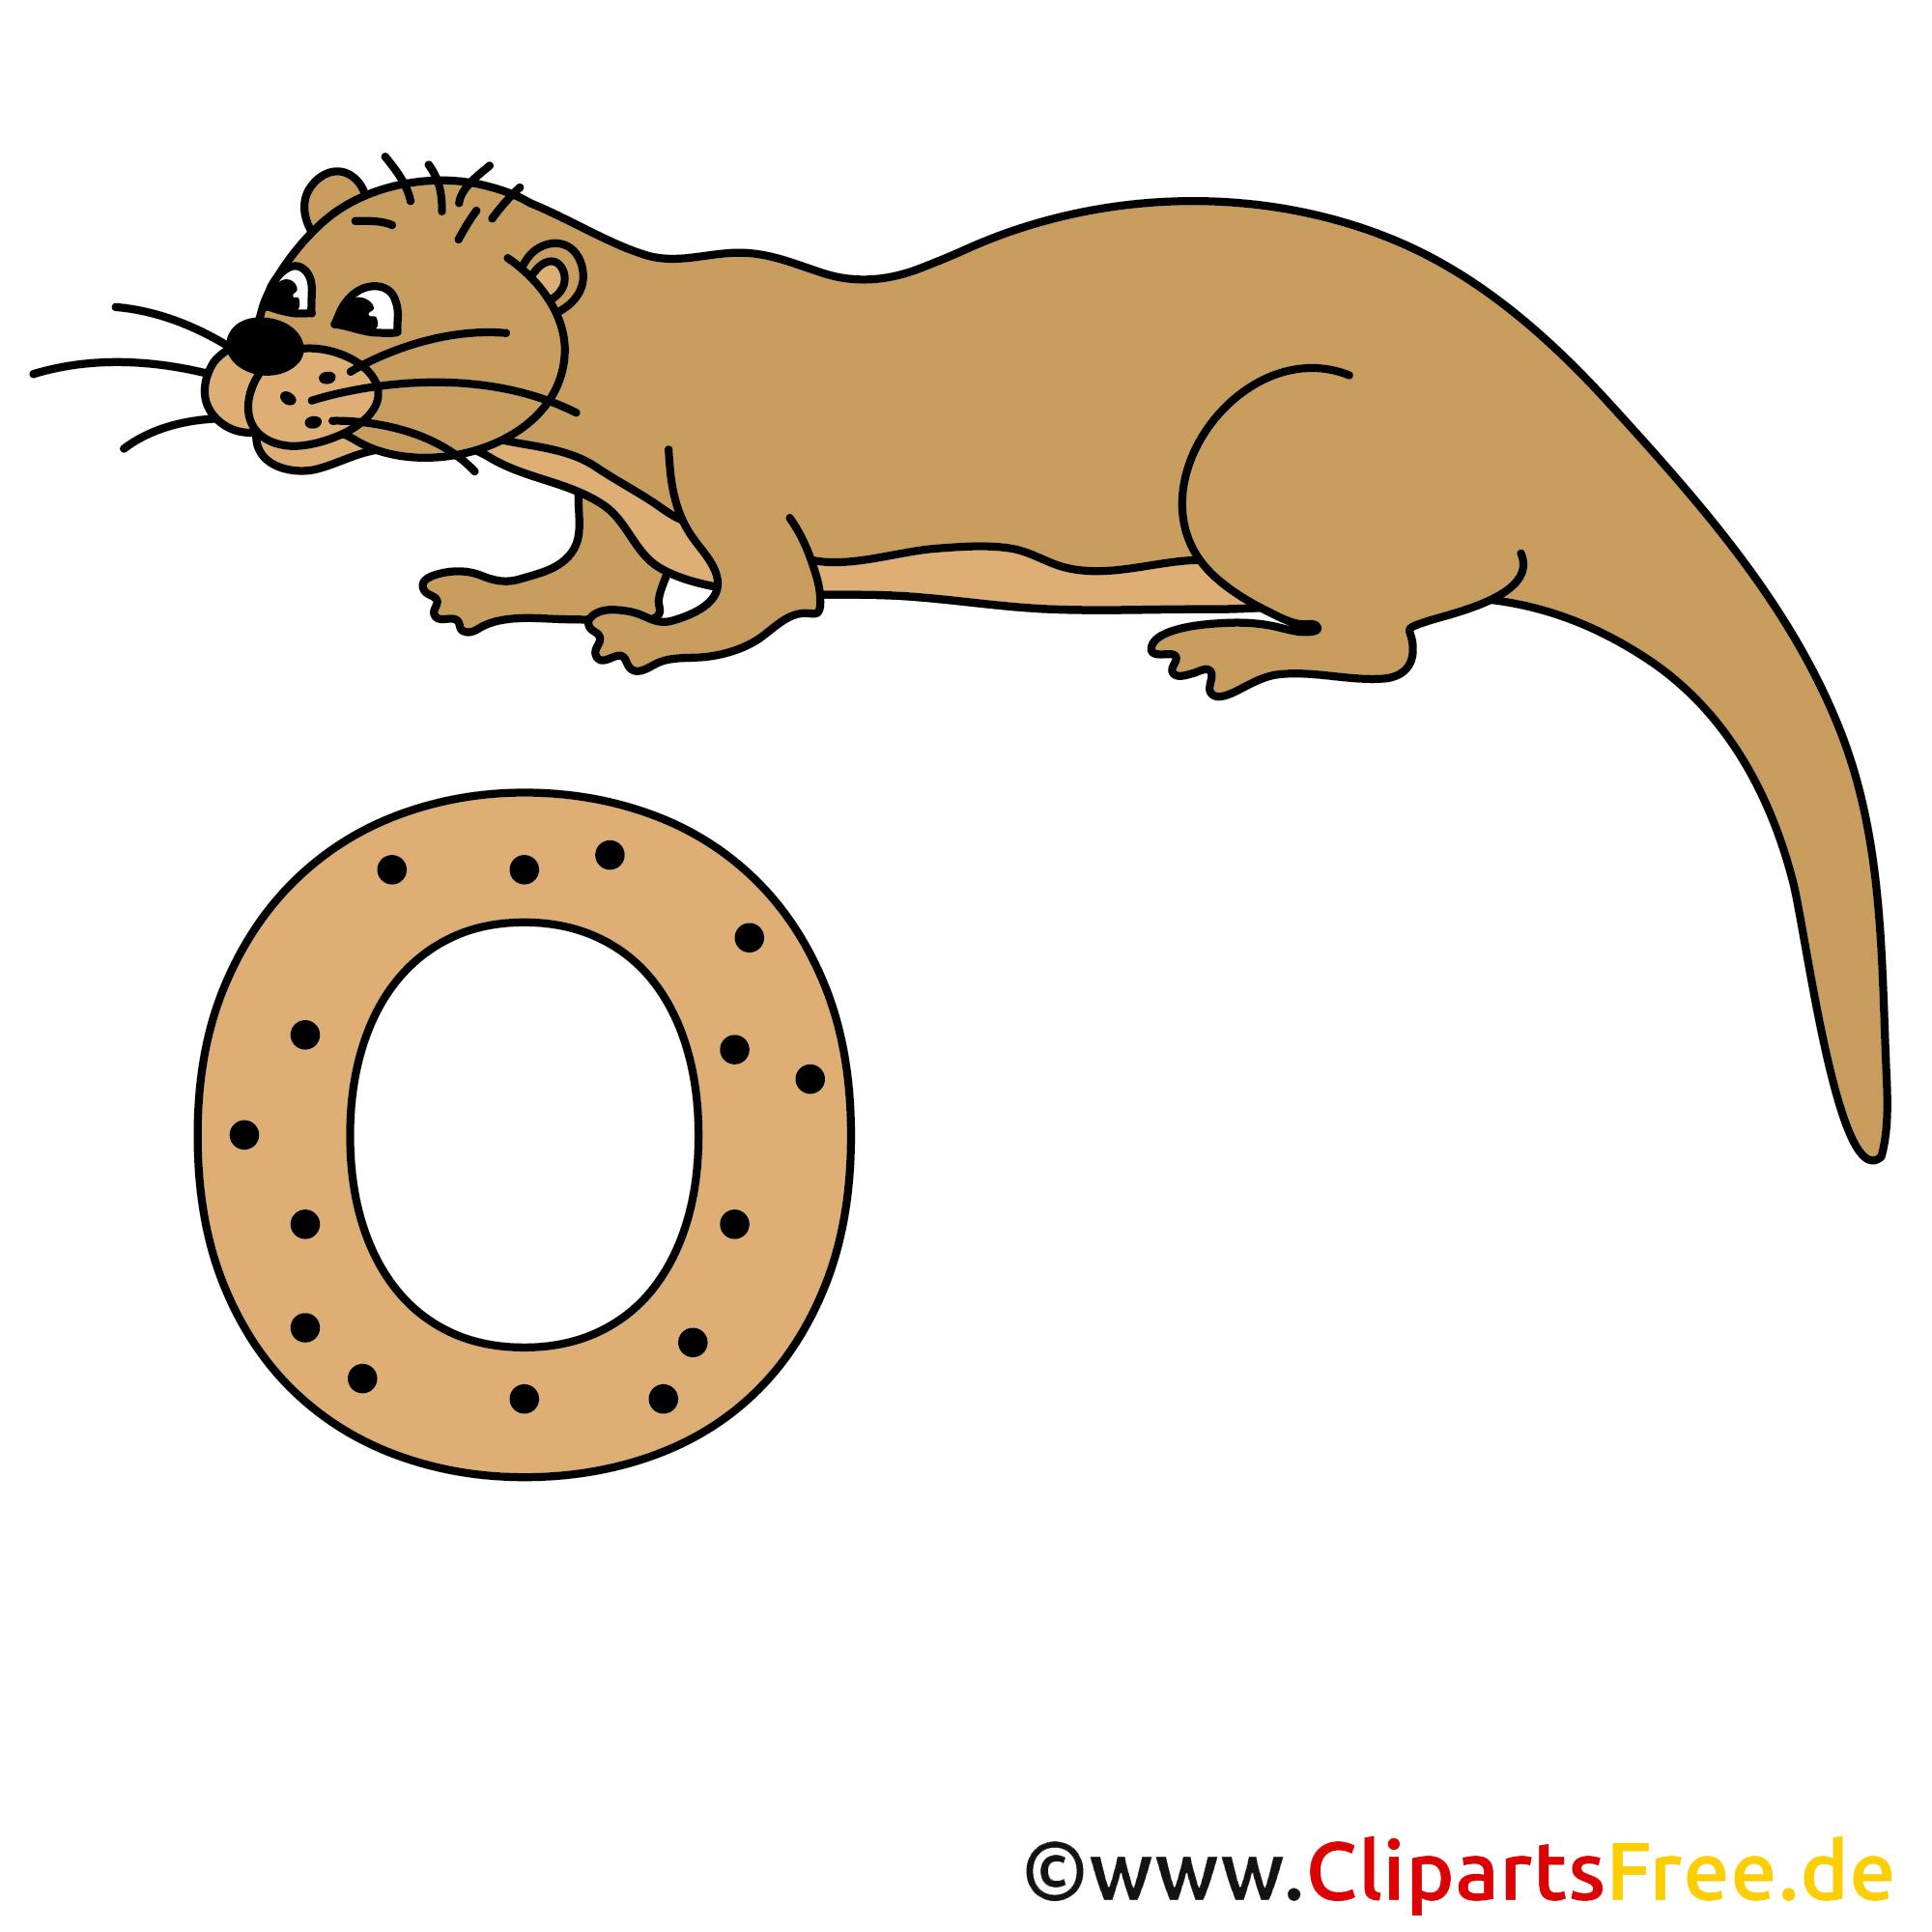 Deutsch Alphabet - Otter Bild